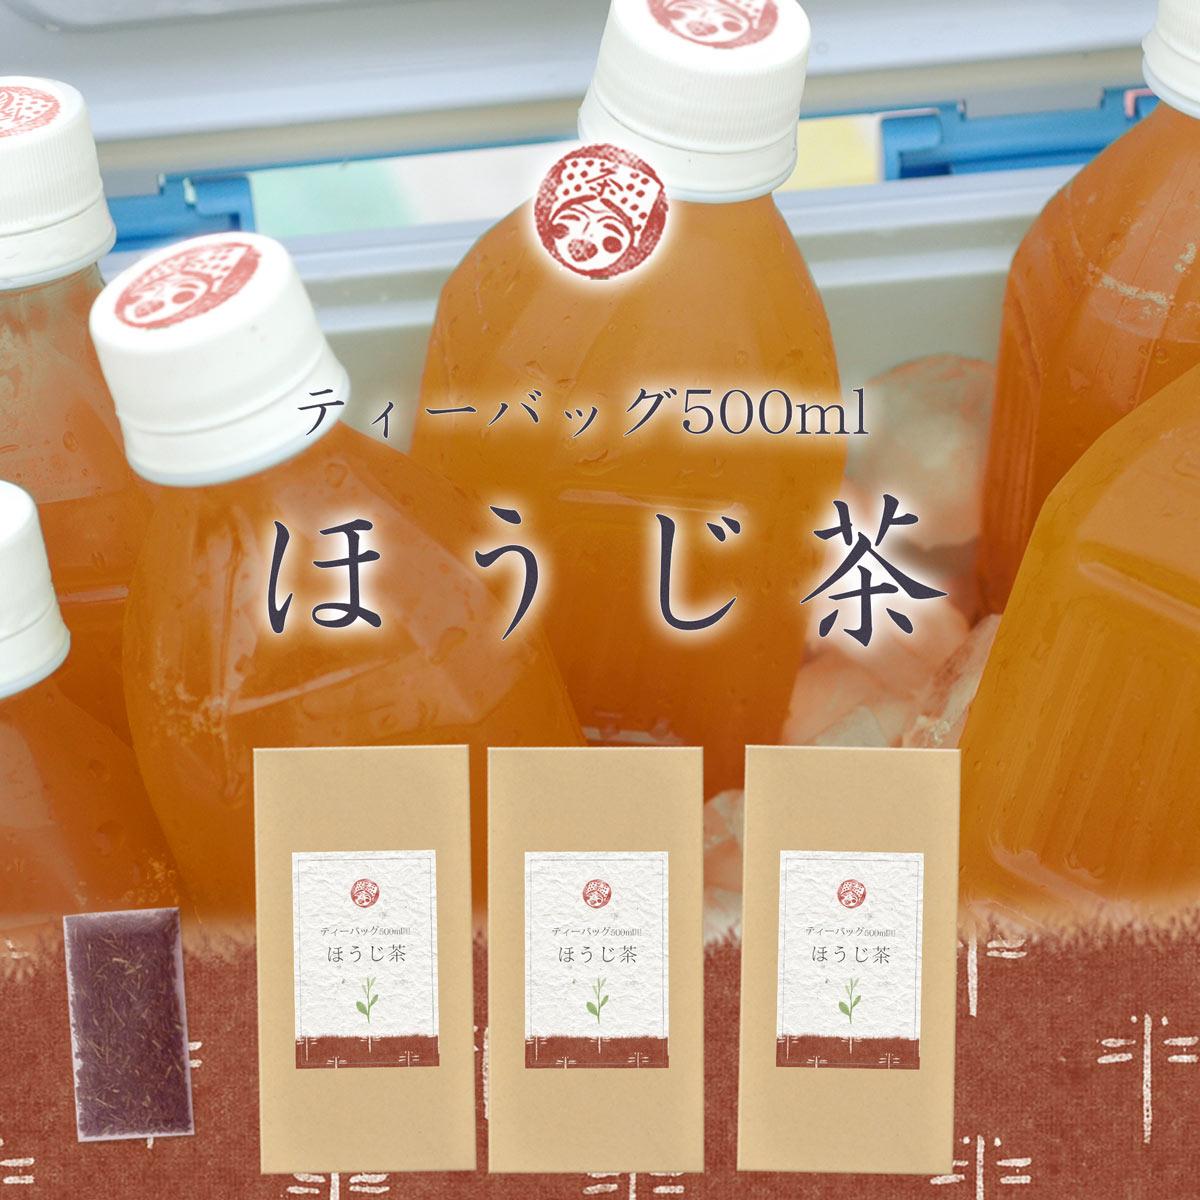 水出しほうじ茶 500mlペットボトル用 3本送料無料セット